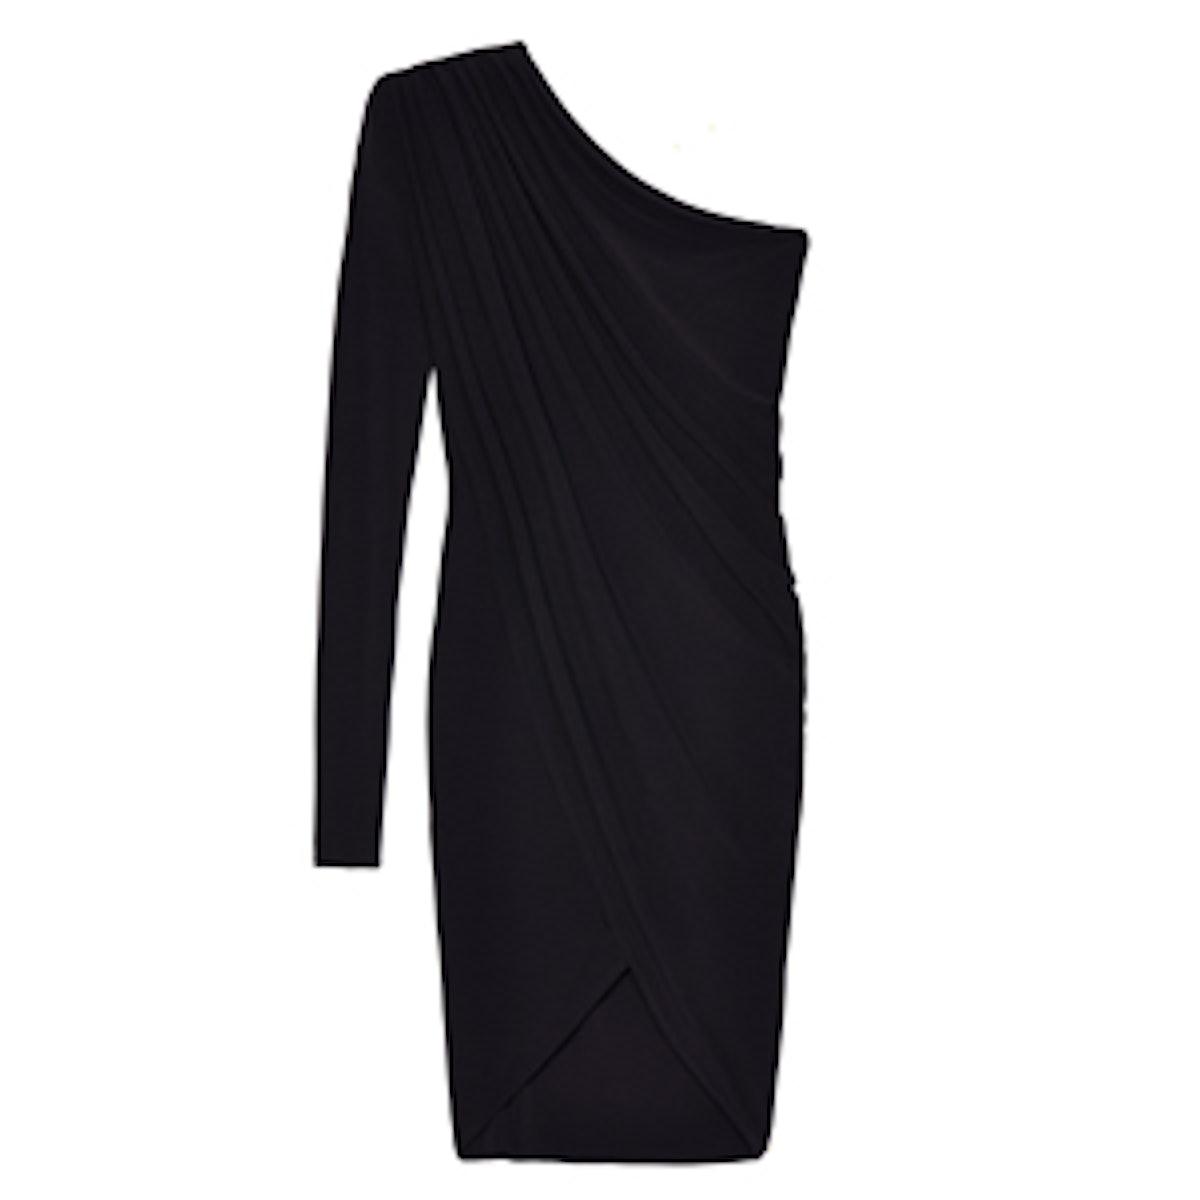 Chiffon One Sleeve Draped Dress